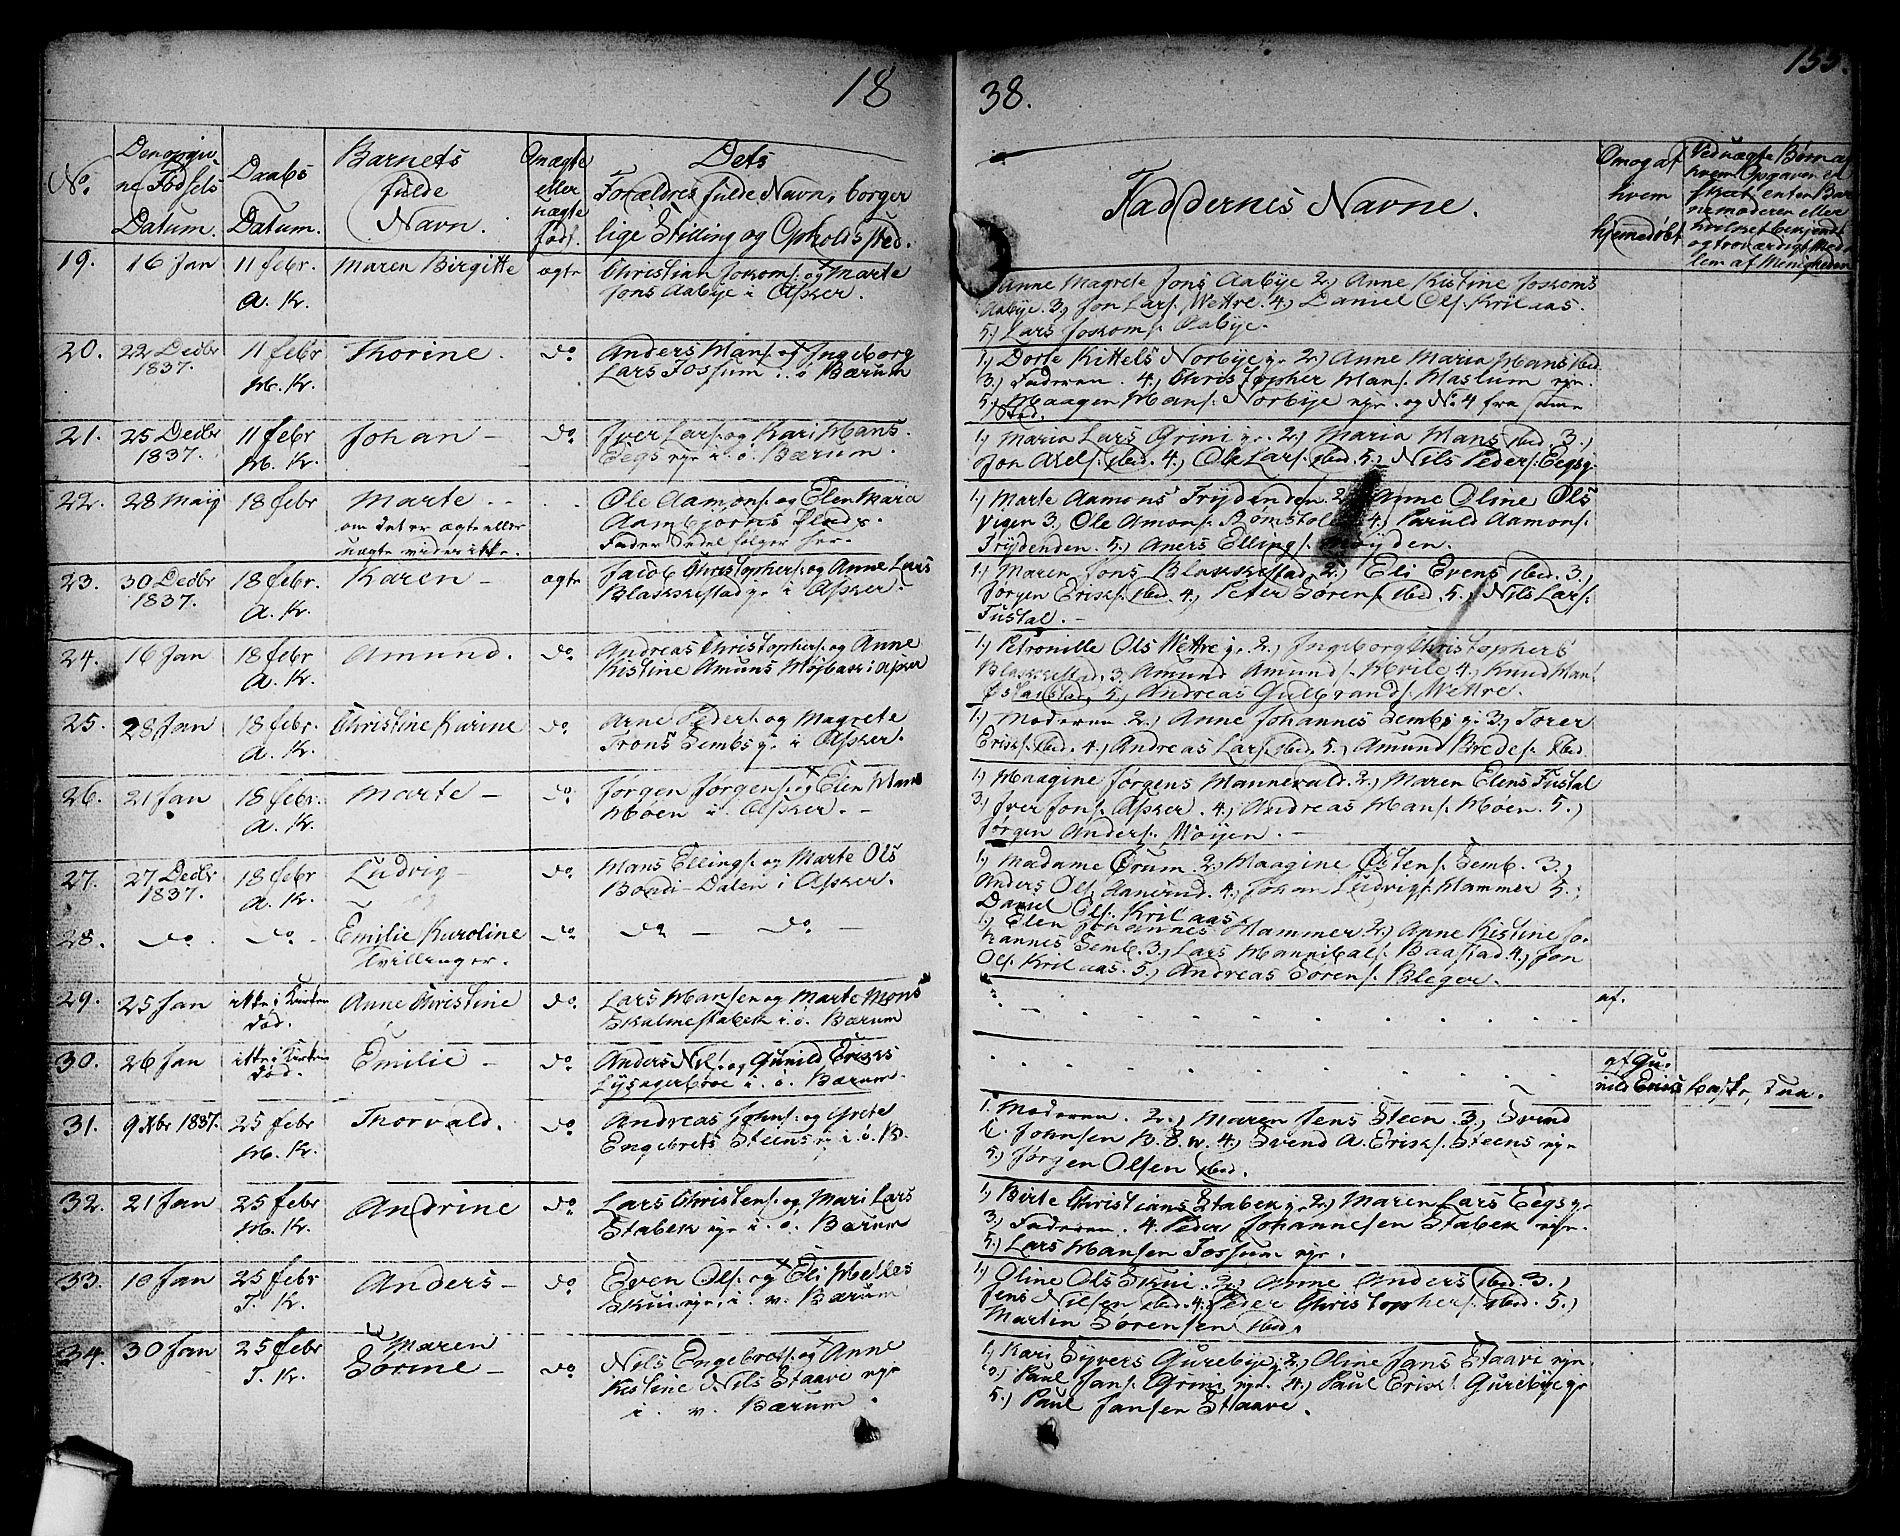 SAO, Asker prestekontor Kirkebøker, F/Fa/L0007: Ministerialbok nr. I 7, 1825-1864, s. 155